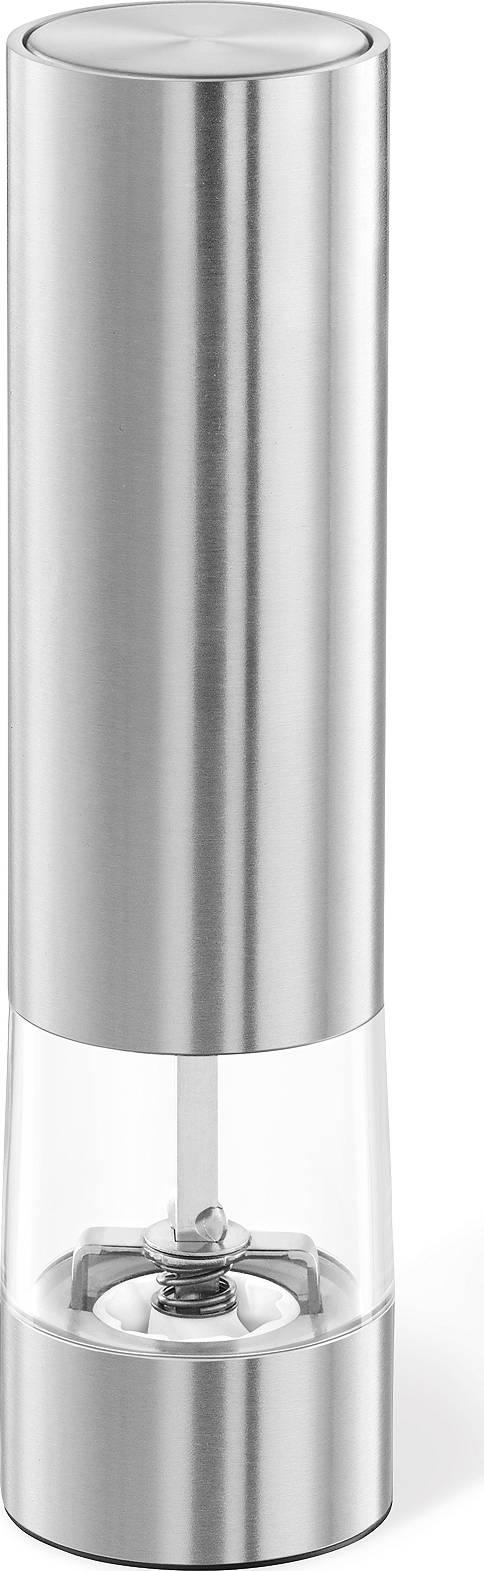 MONINO elektrický mlýnek soli o 4,5 cm, výška 16 20936 Zack